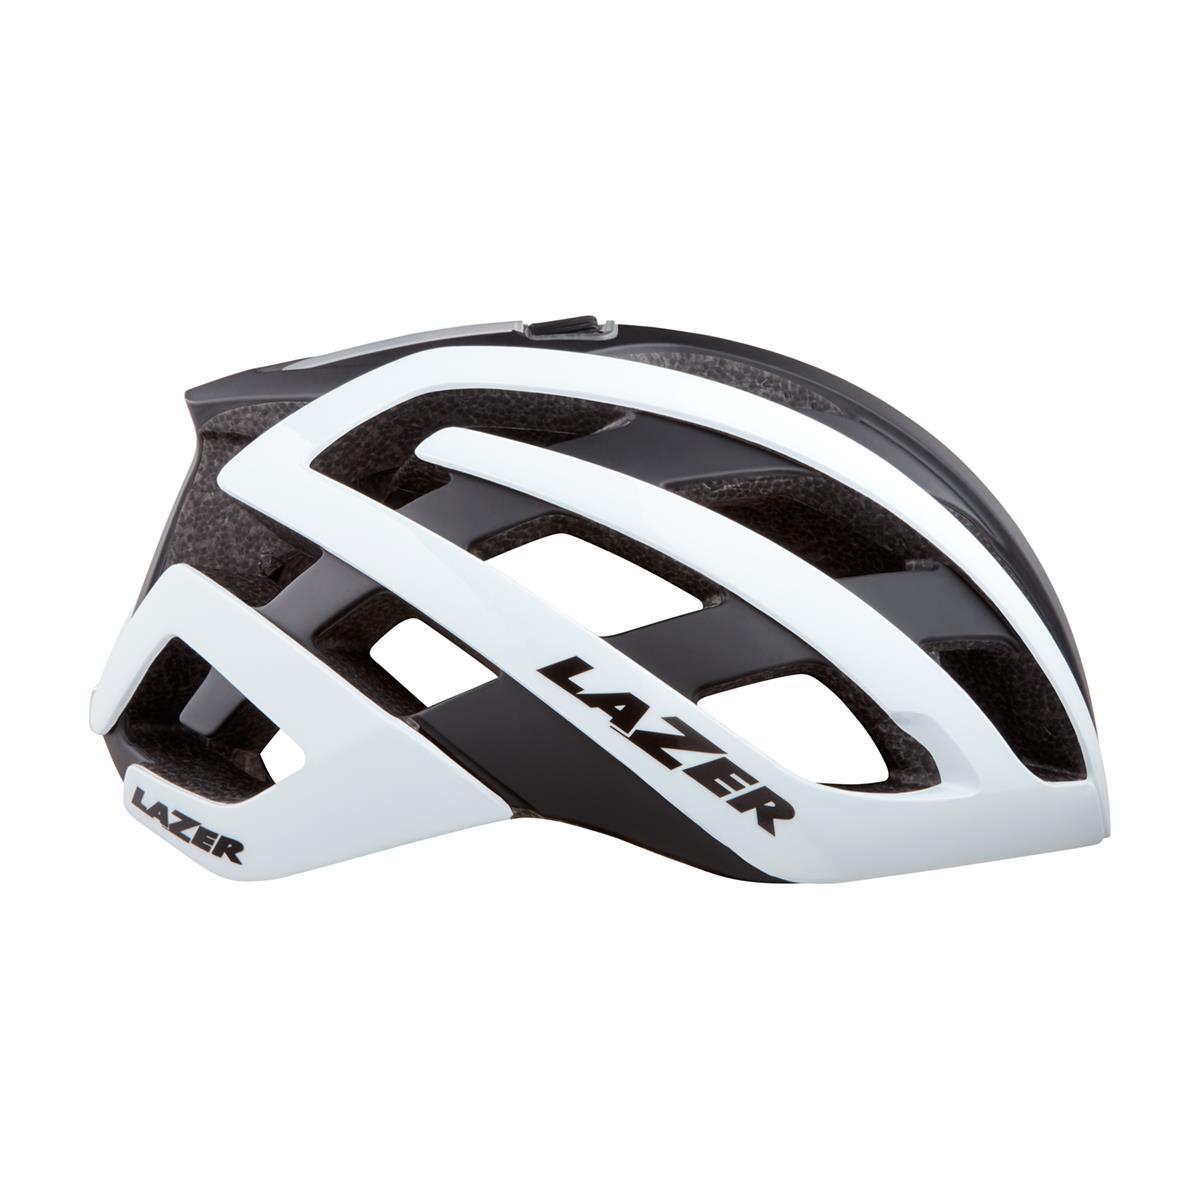 Ultralight helmet Genesis white size S (52-56)